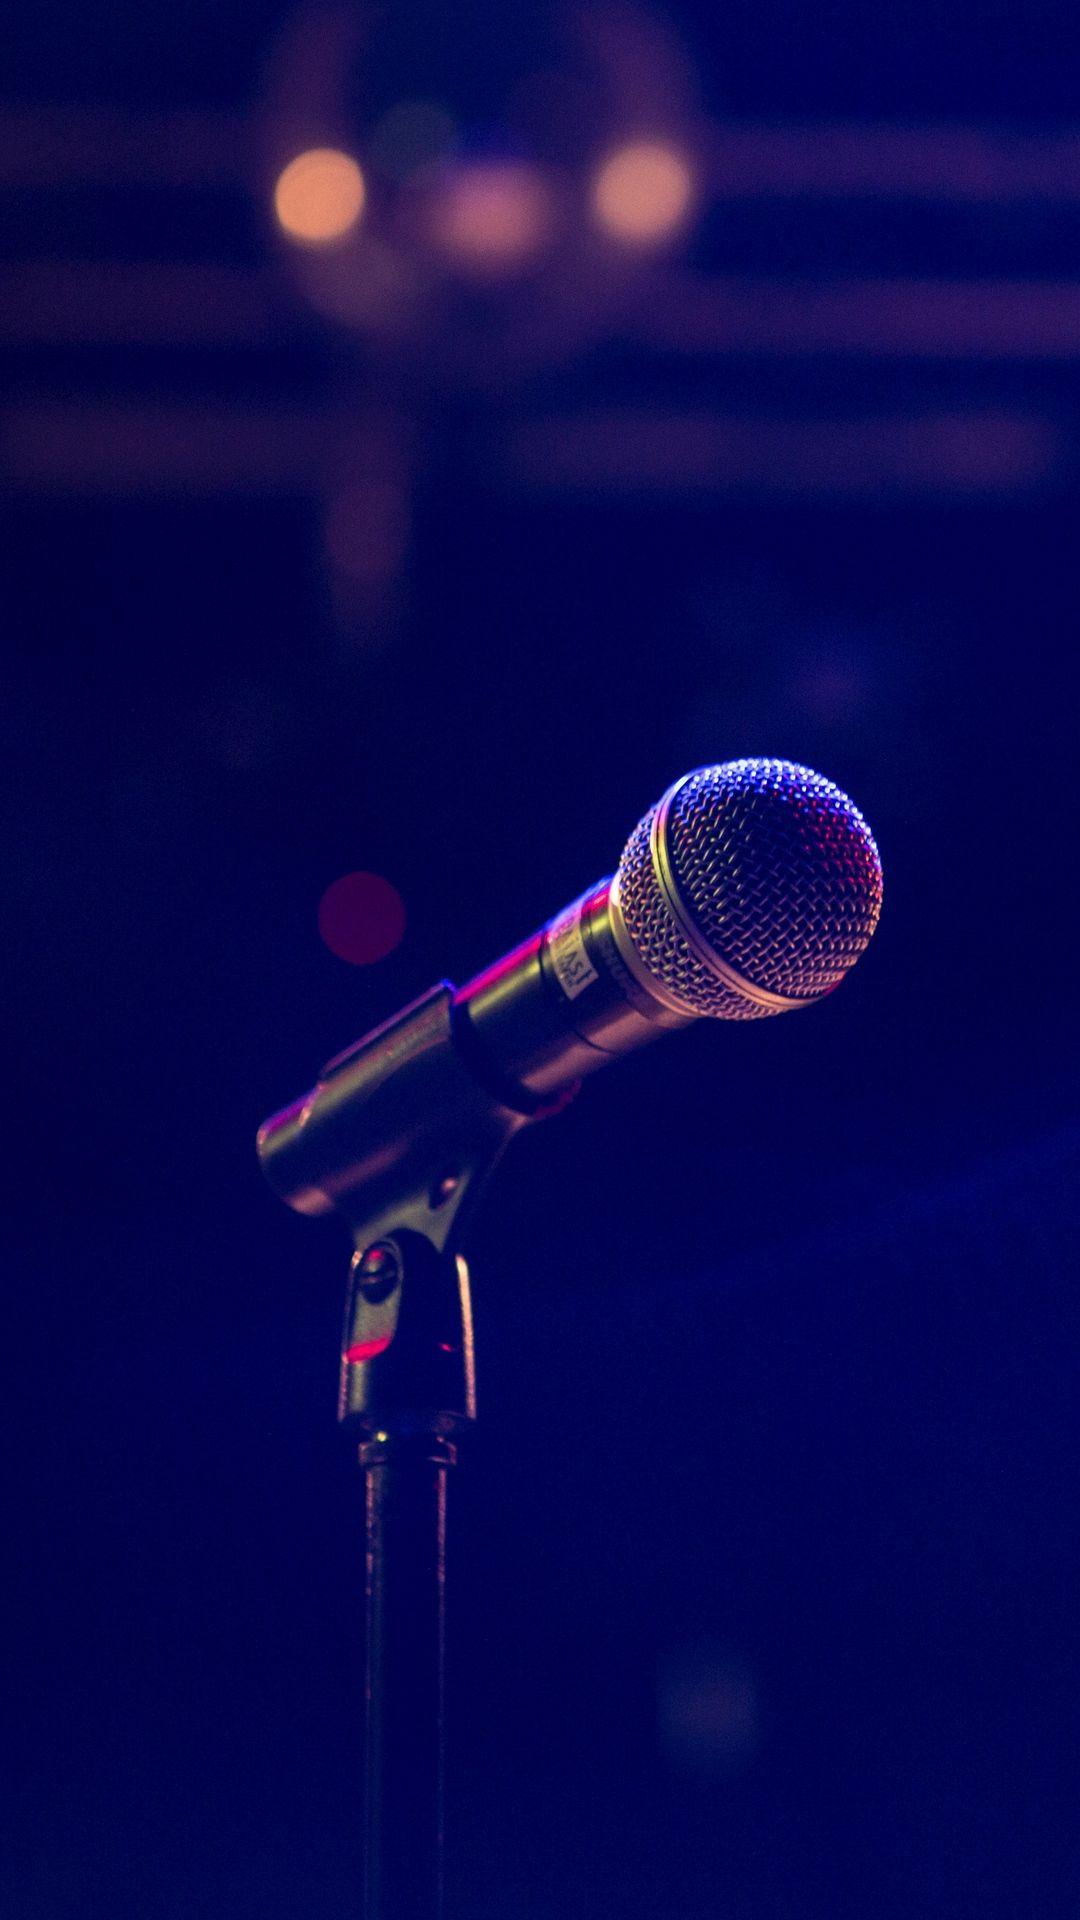 Microphone Wallpaper In Dark Blue Background Music Wallpaper Dark Blue Background Music Poster Ideas